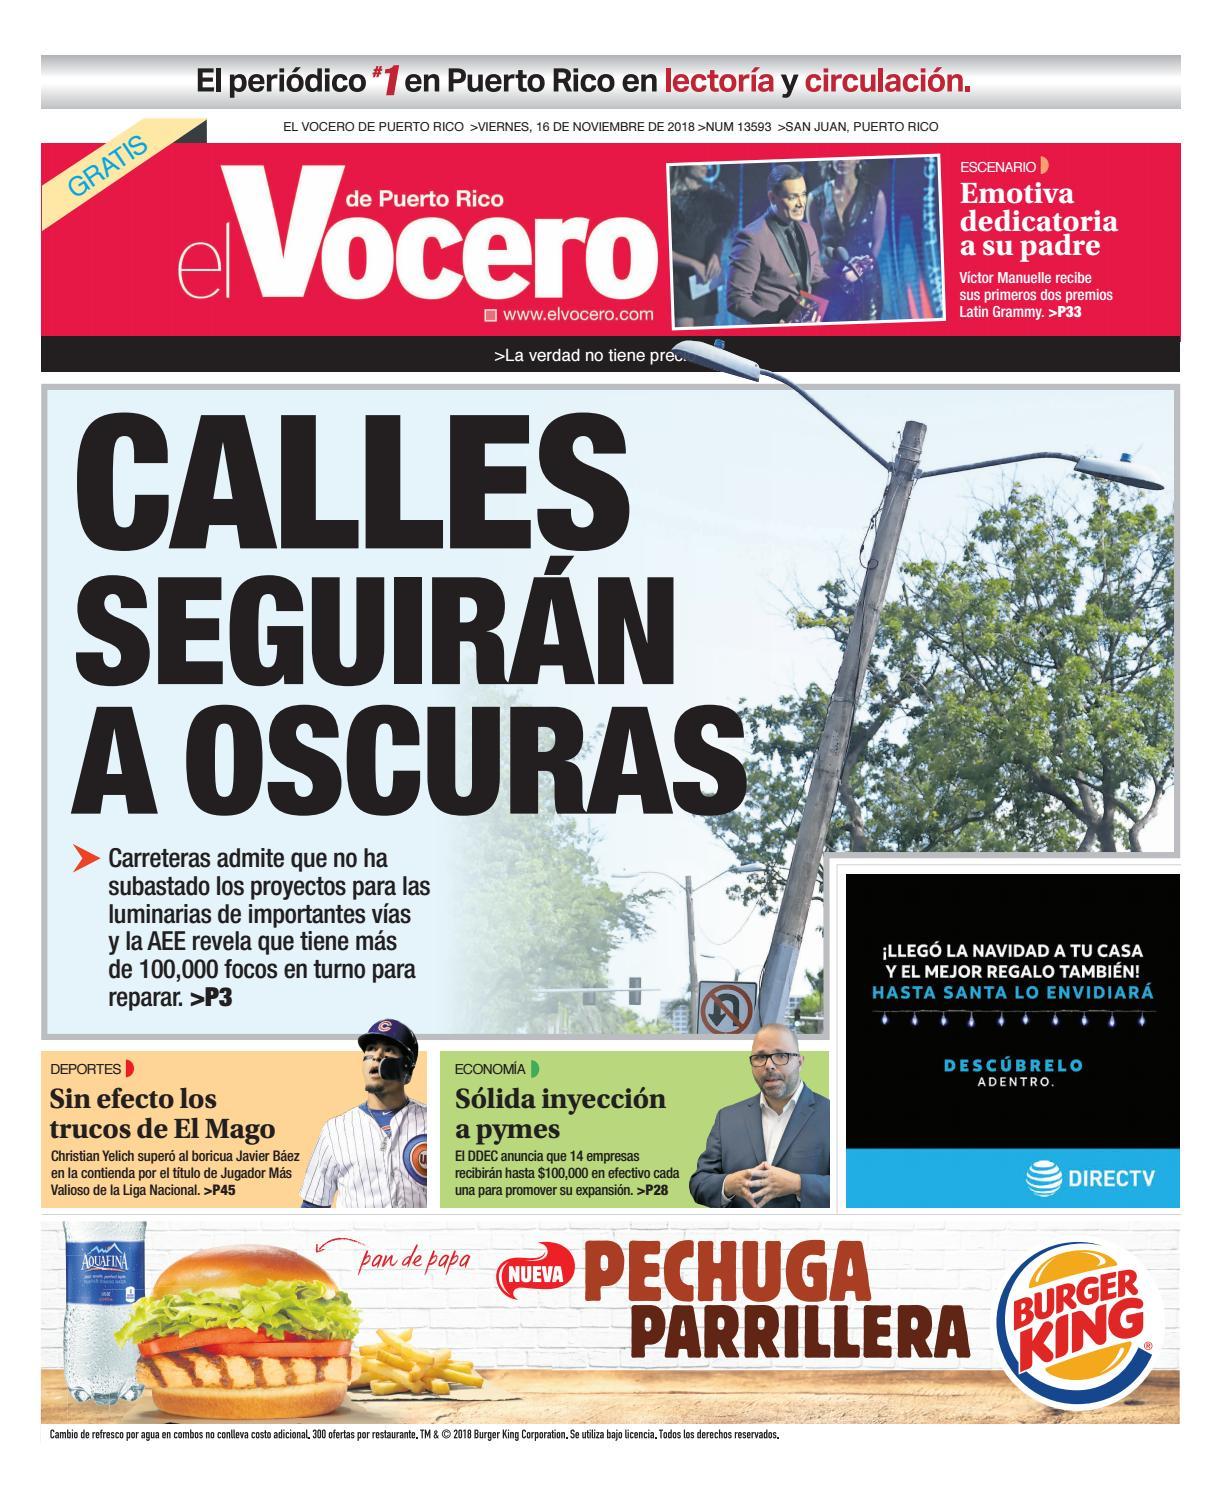 Edición: 16 de noviembre de 2018 by El Vocero de Puerto Rico